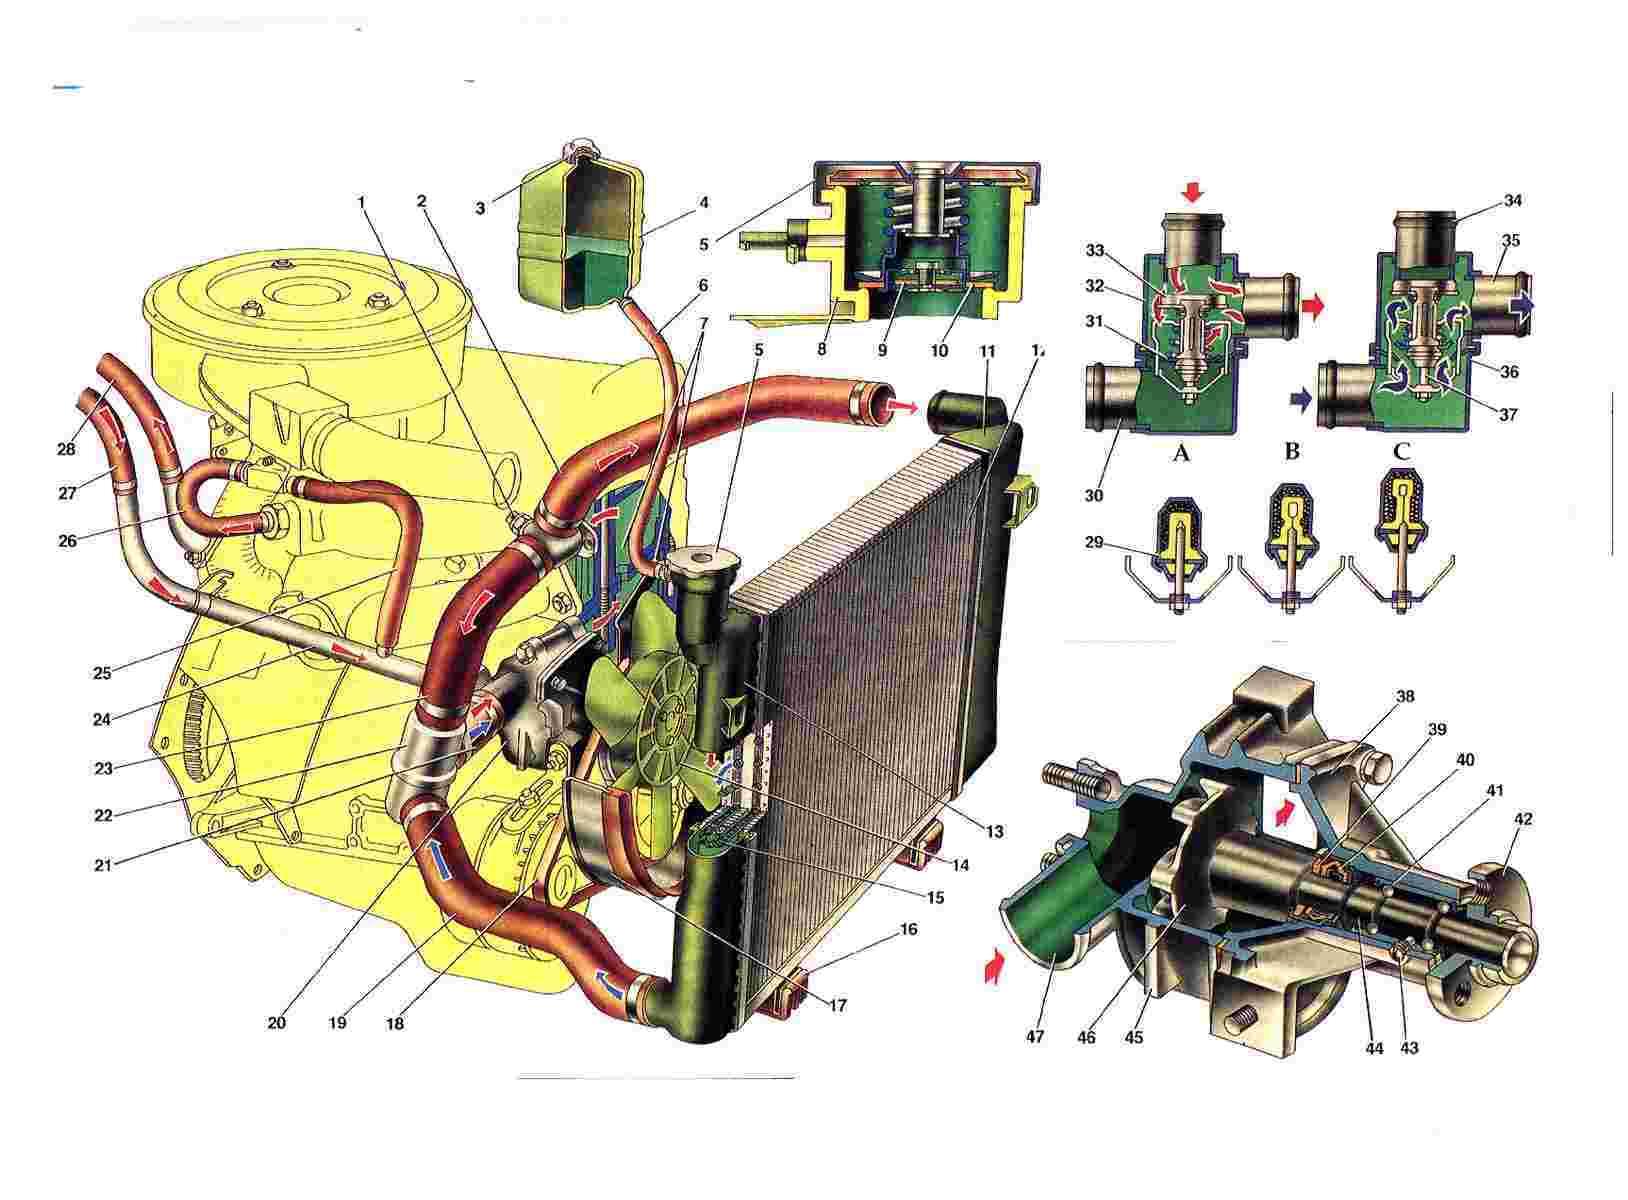 Система охлаждения двигателя - жидкостная, закрытая, с принудительной циркуляцией охлаждающей жидкости.